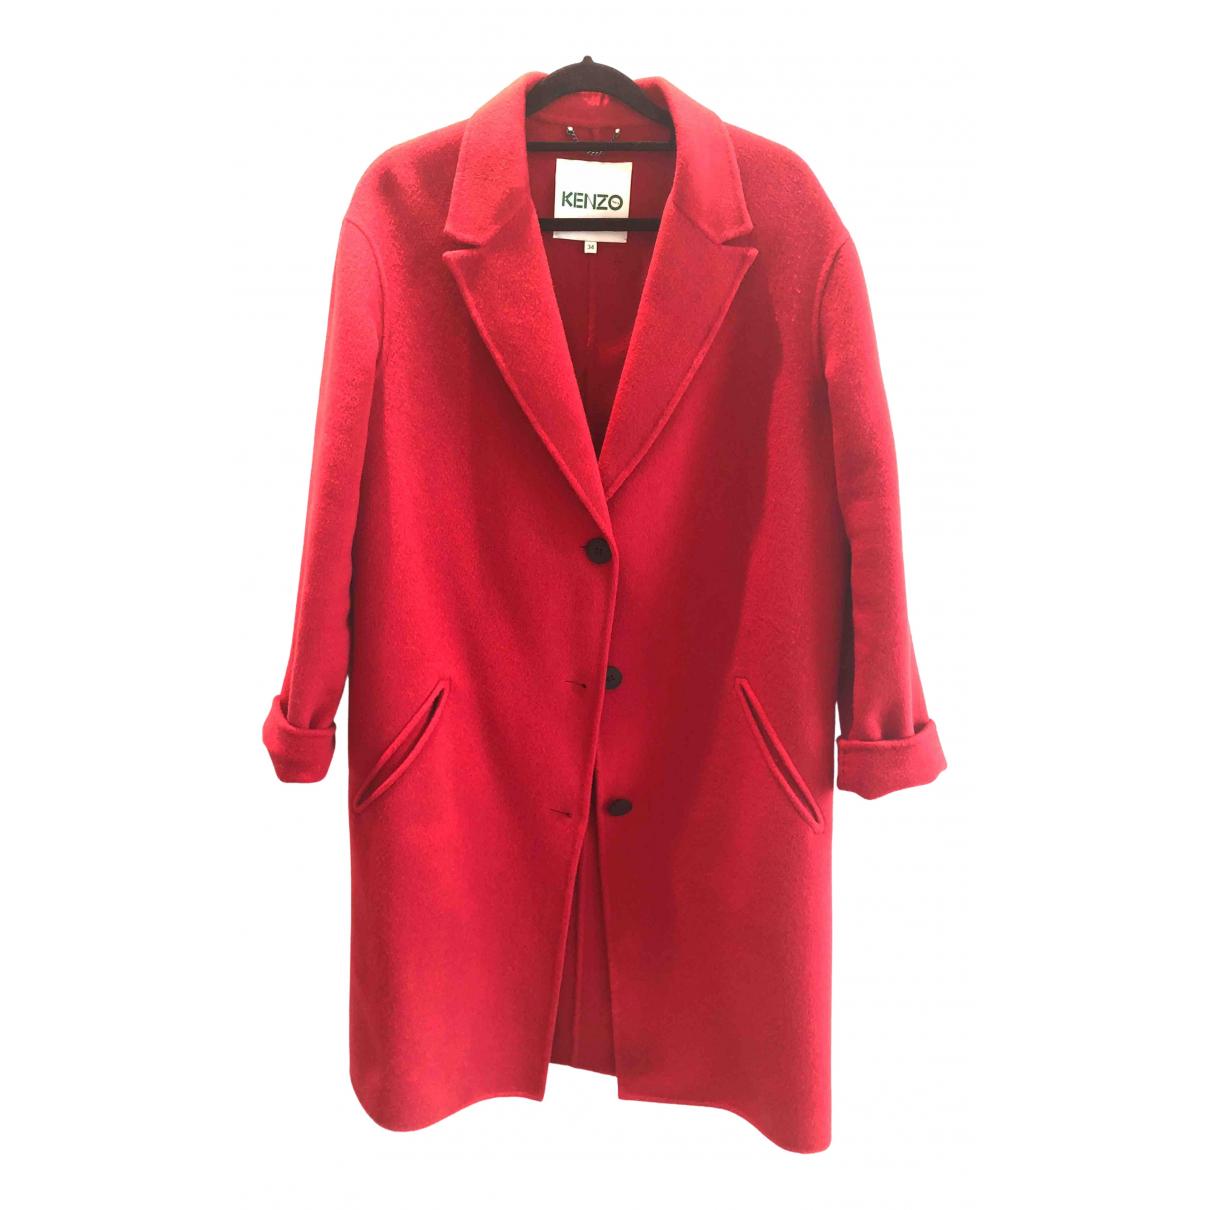 Kenzo \N Red Wool coat for Women 34 FR